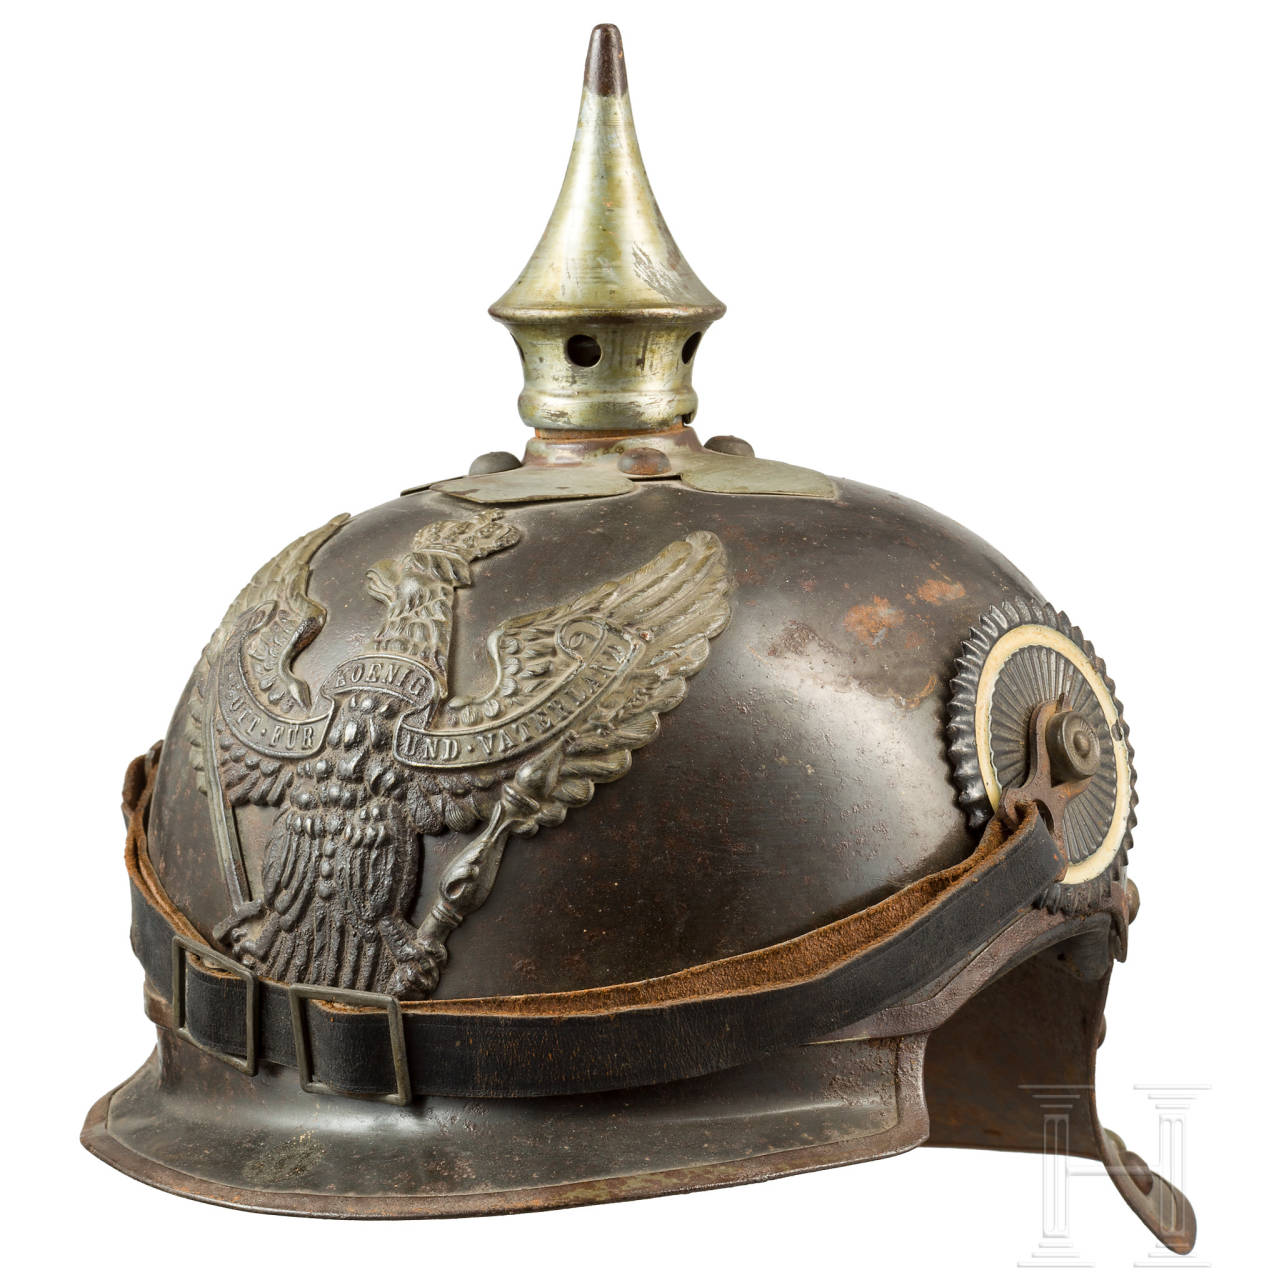 A m 1905 helmet for troopers of Jäger zu Pferde